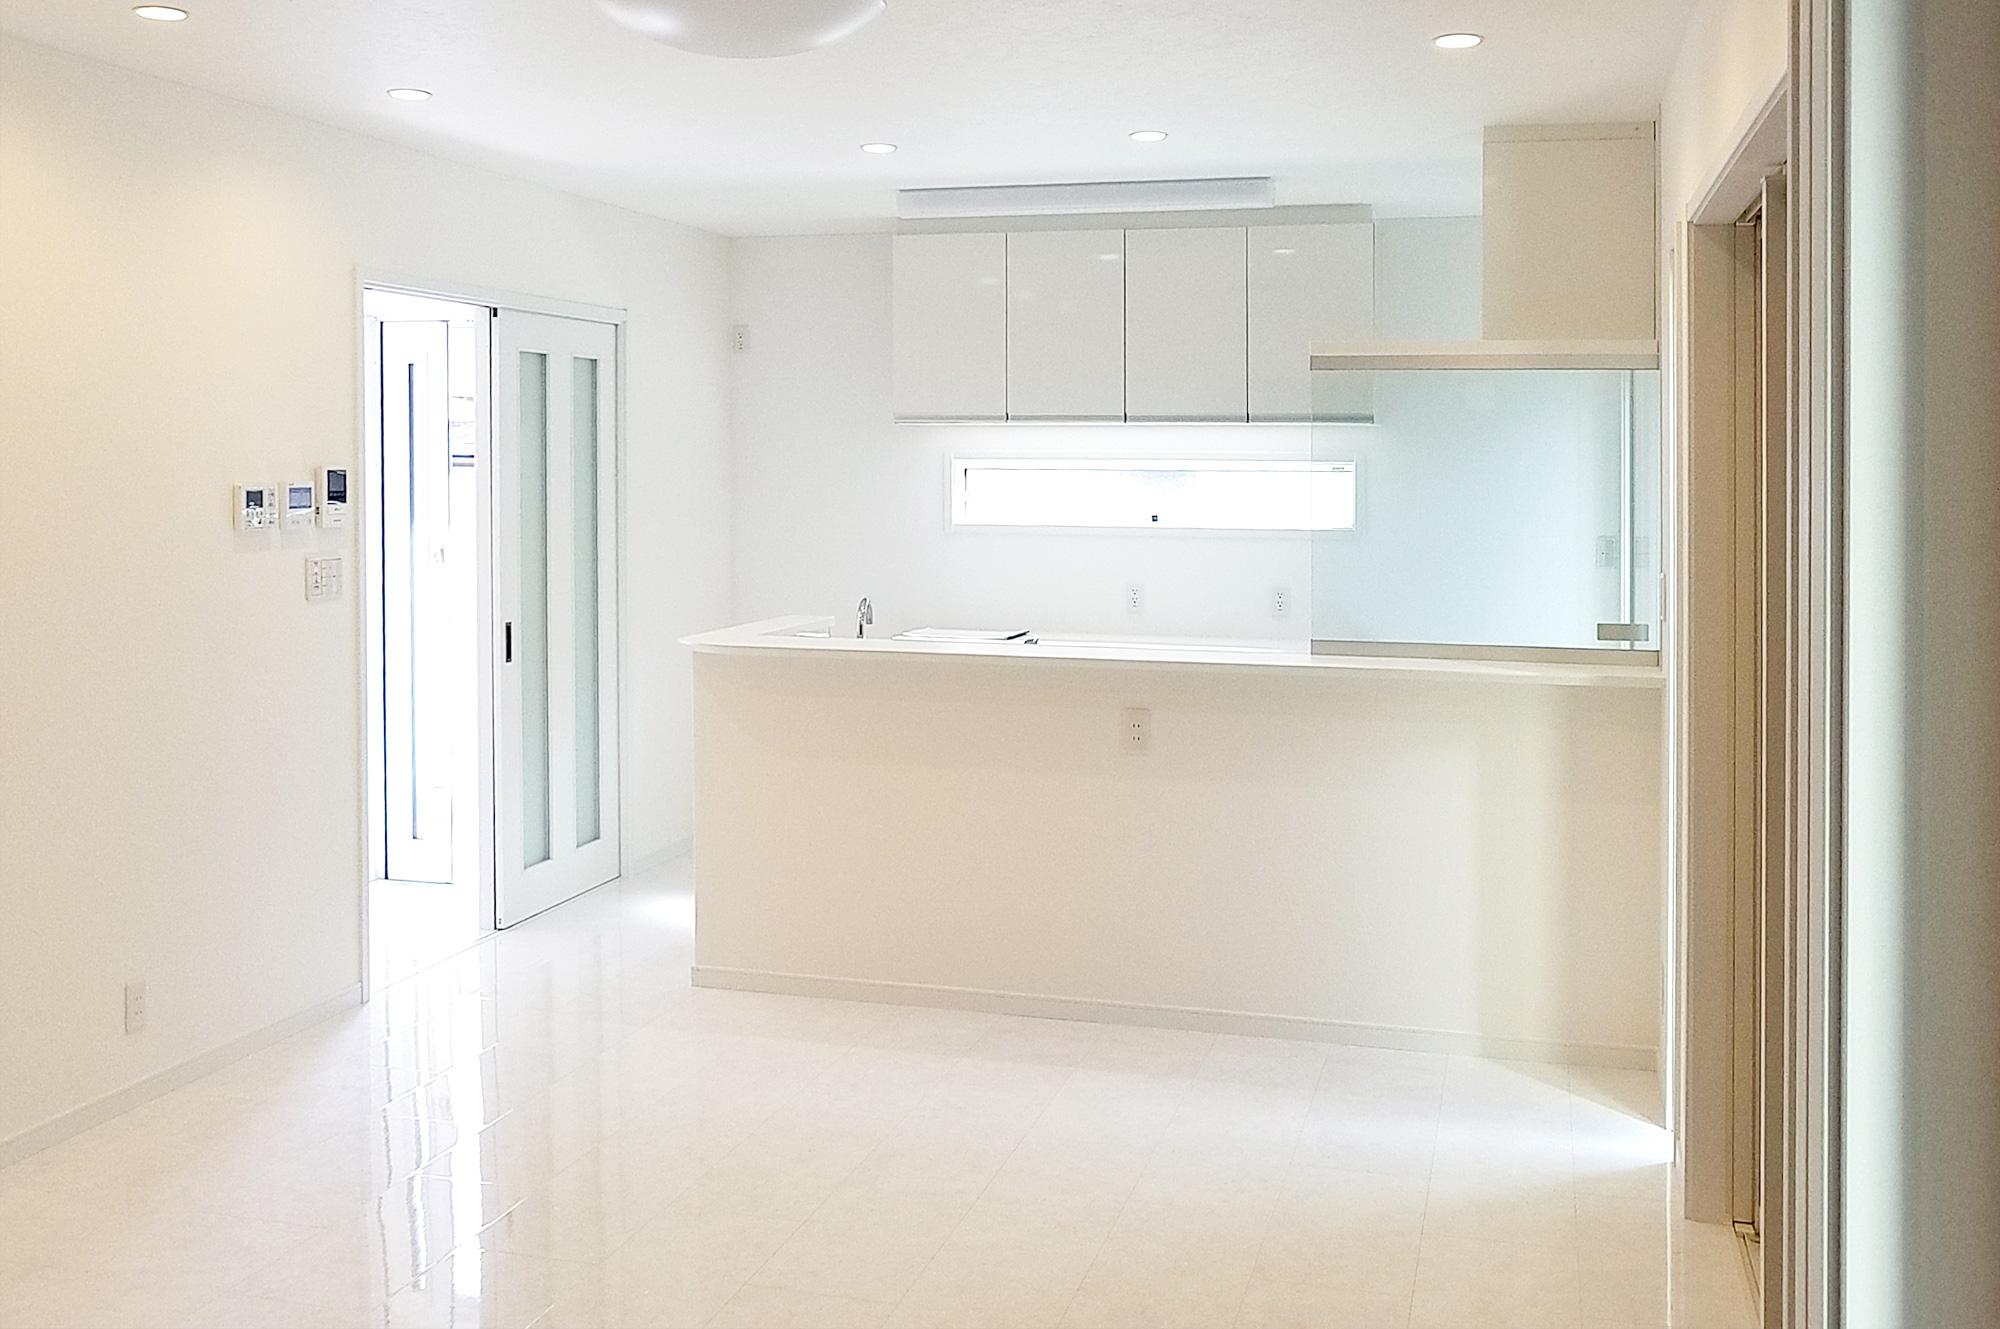 全体的に白で統一し、明るく清潔感のある室内になっています。